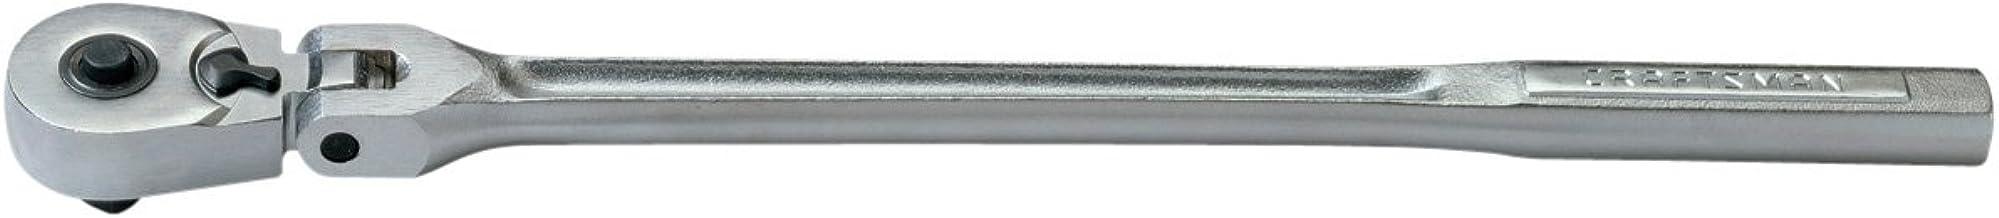 Craftsman 3/8-Inch Drive Flex Head Quick Release Teardrop Ratchet, 9-44815